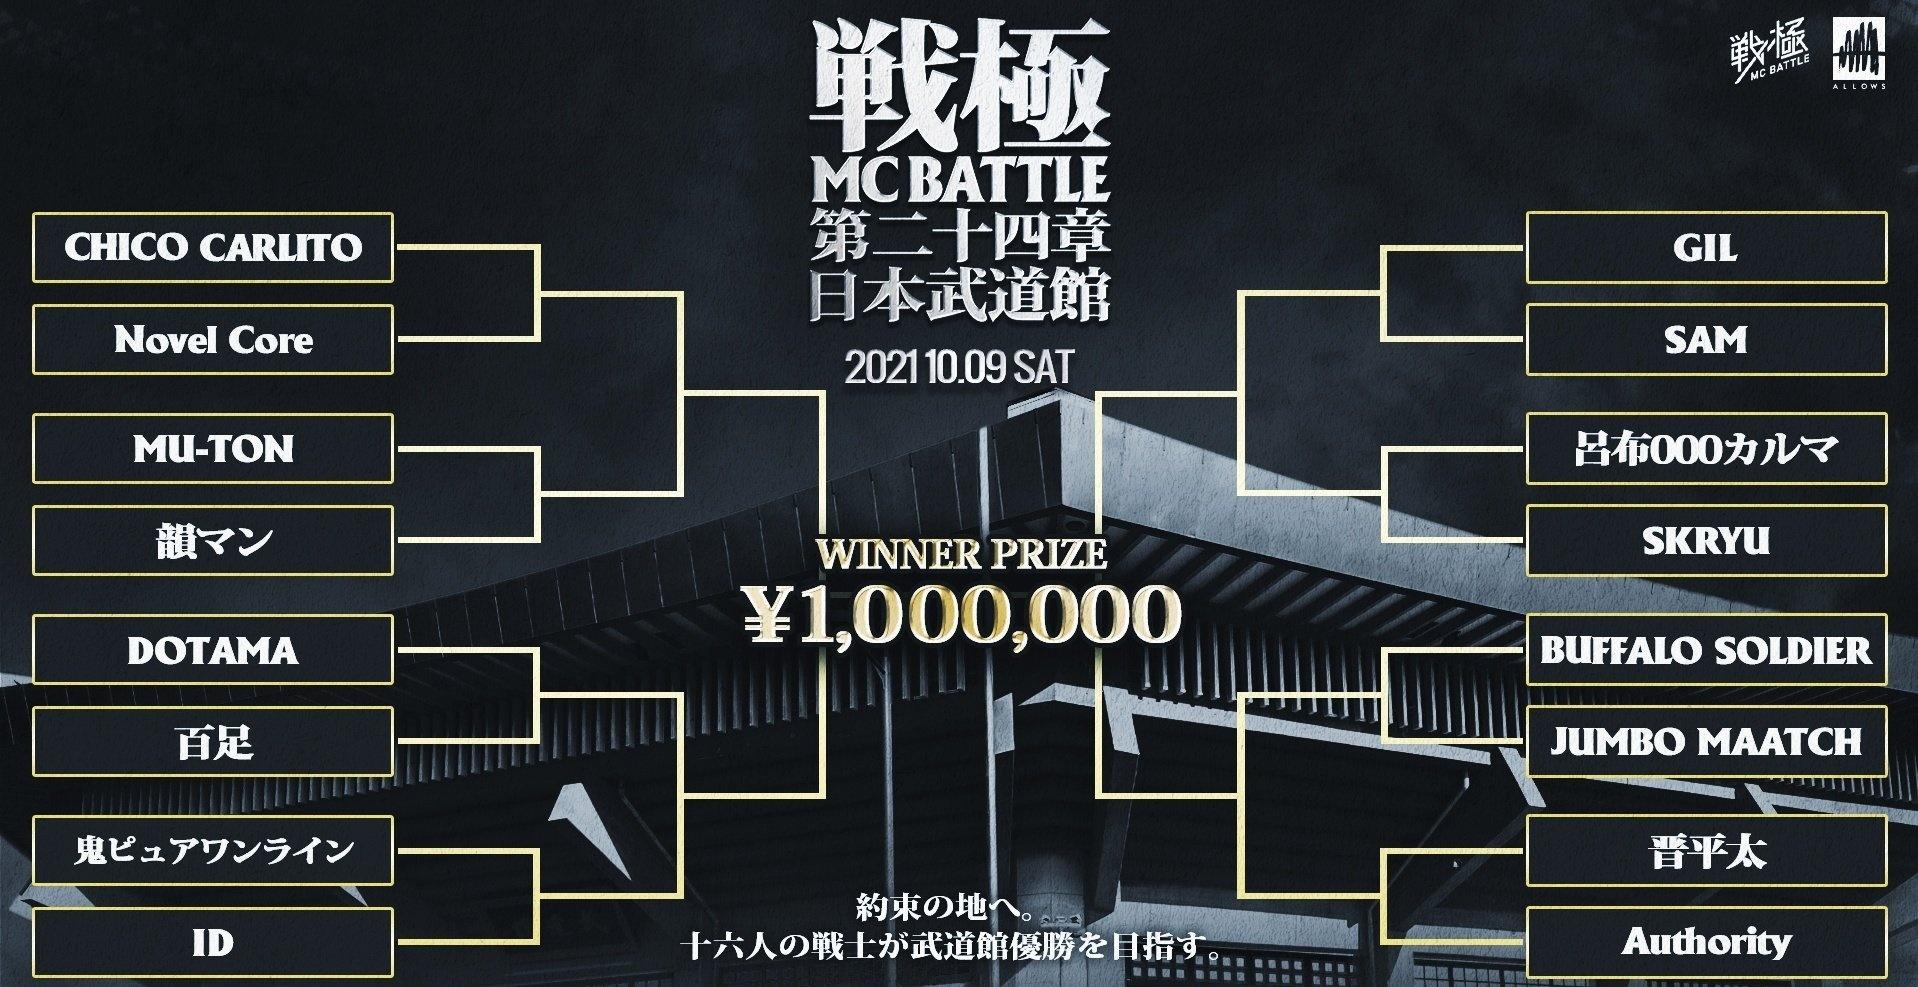 10/9 戦極MCBATTLE 第24章 日本武道館 チケット全16人 トーナメント発表_e0246863_21195389.jpg